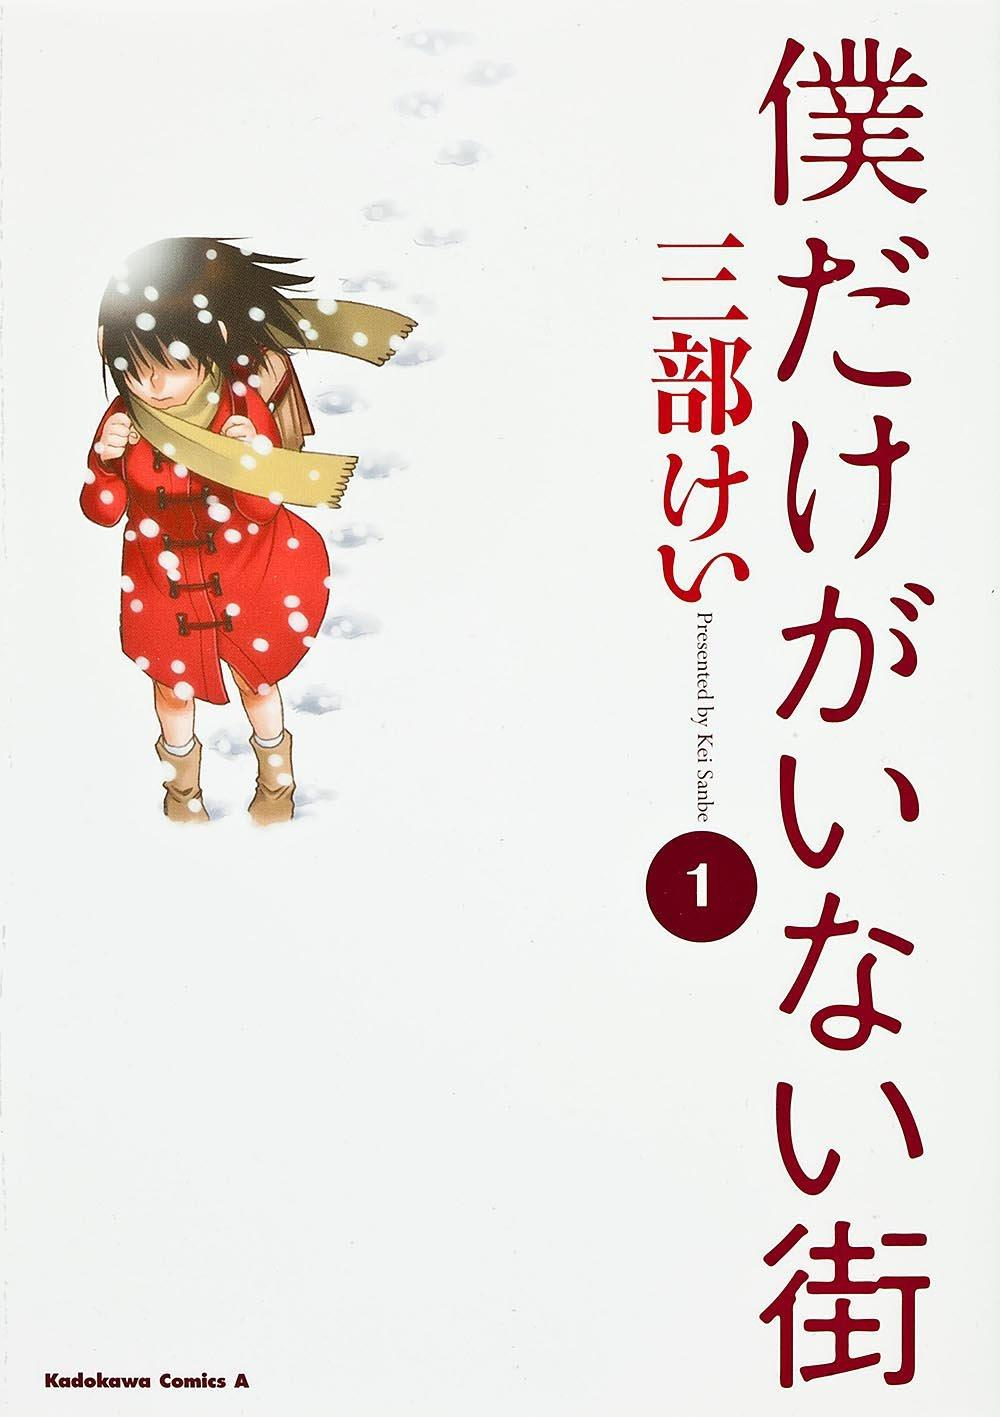 TVアニメ版『僕だけがいない街』が面白すぎる! dアニメストアなら第1話から最新話まで配信中!